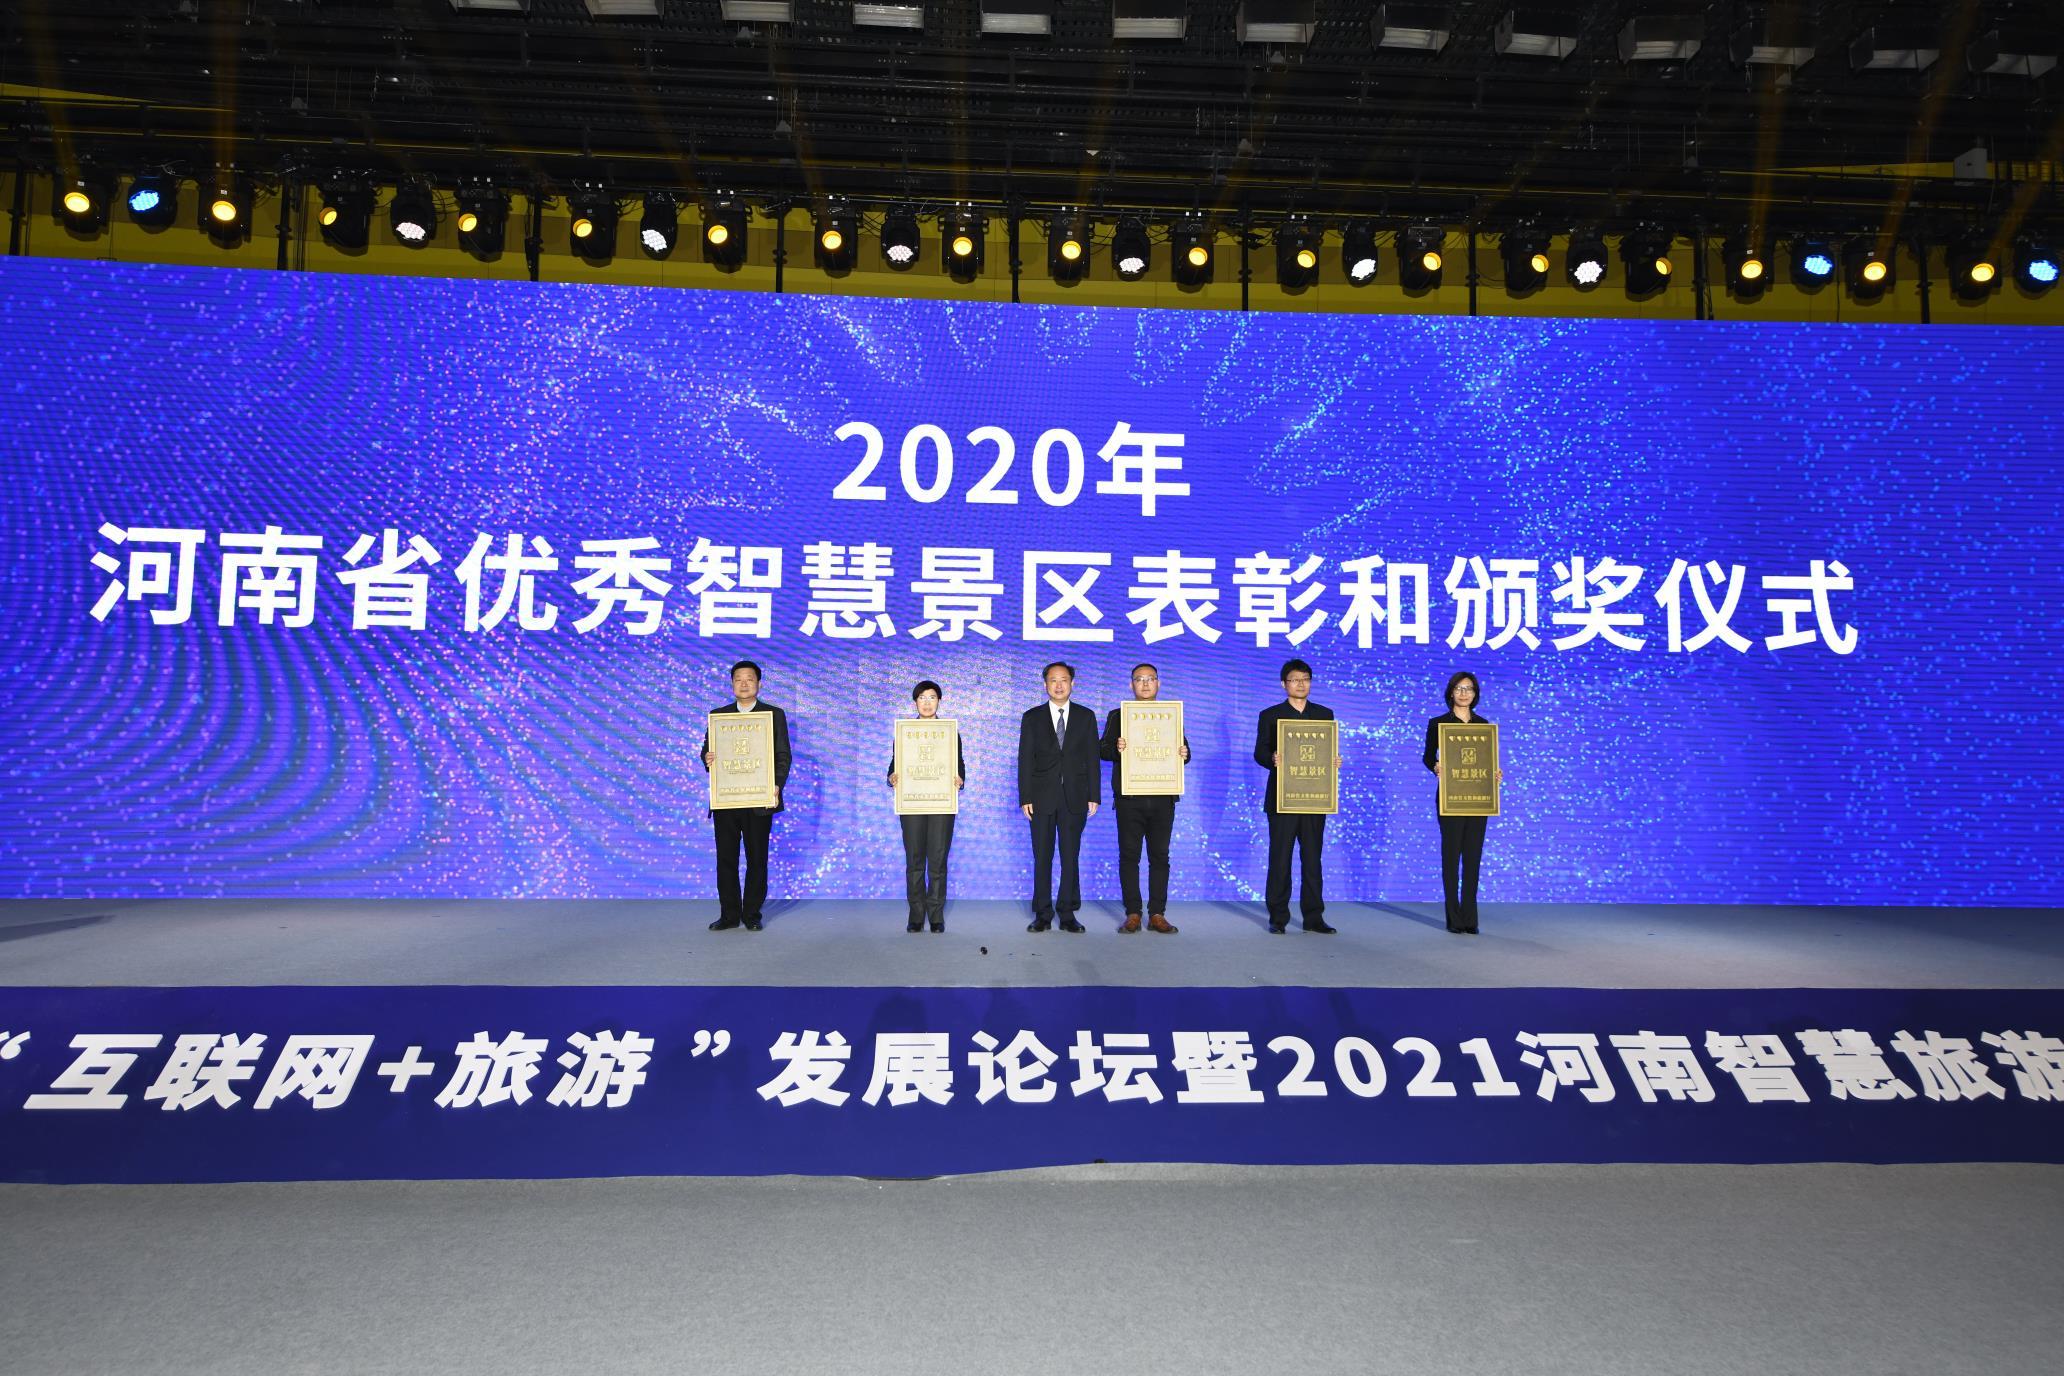 河南省文化和旅游厅关于表彰2020年度智慧